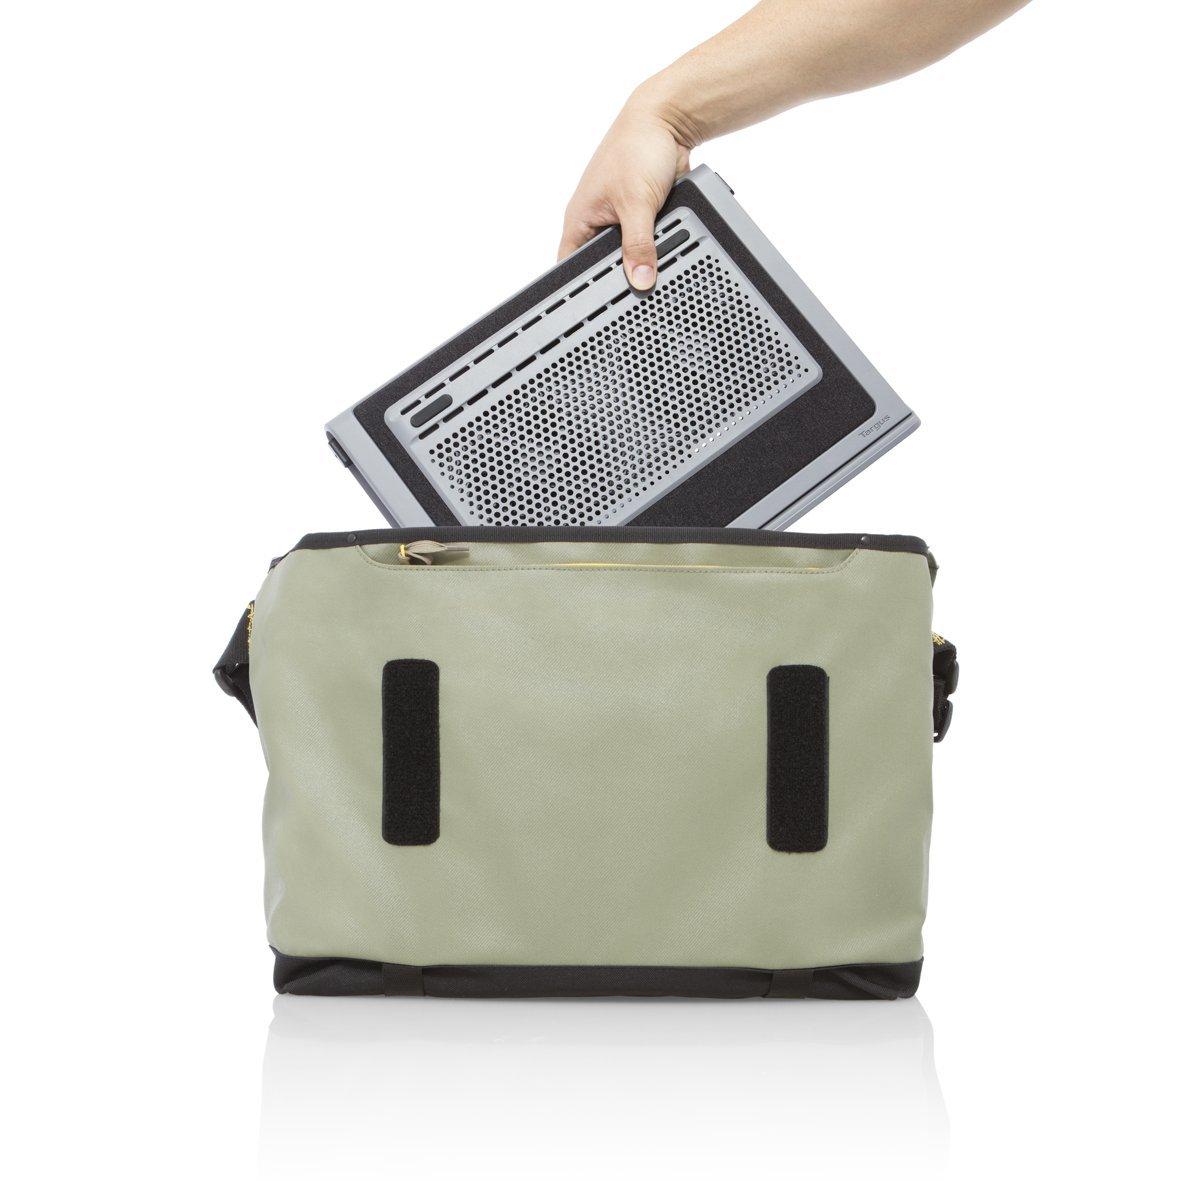 cooling pad ultra fin pour Ordinateur Portable Noir Targus AWE69EU refroidisseur